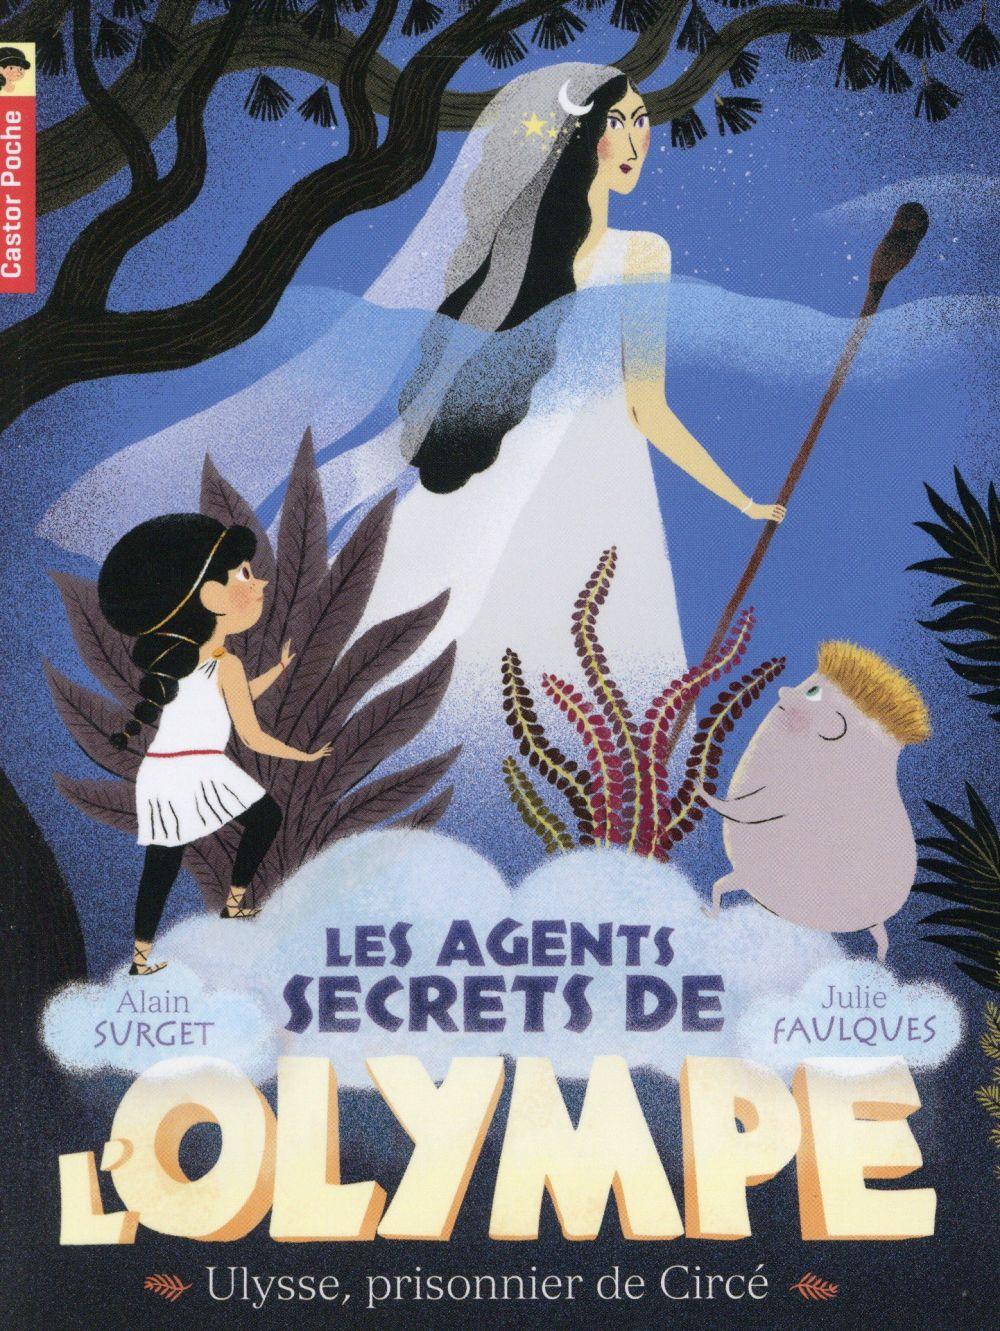 ULYSSE, PRISONNIER DE CIRCE - LES AGENTS SECRETS DE L'OLYMPE - T4